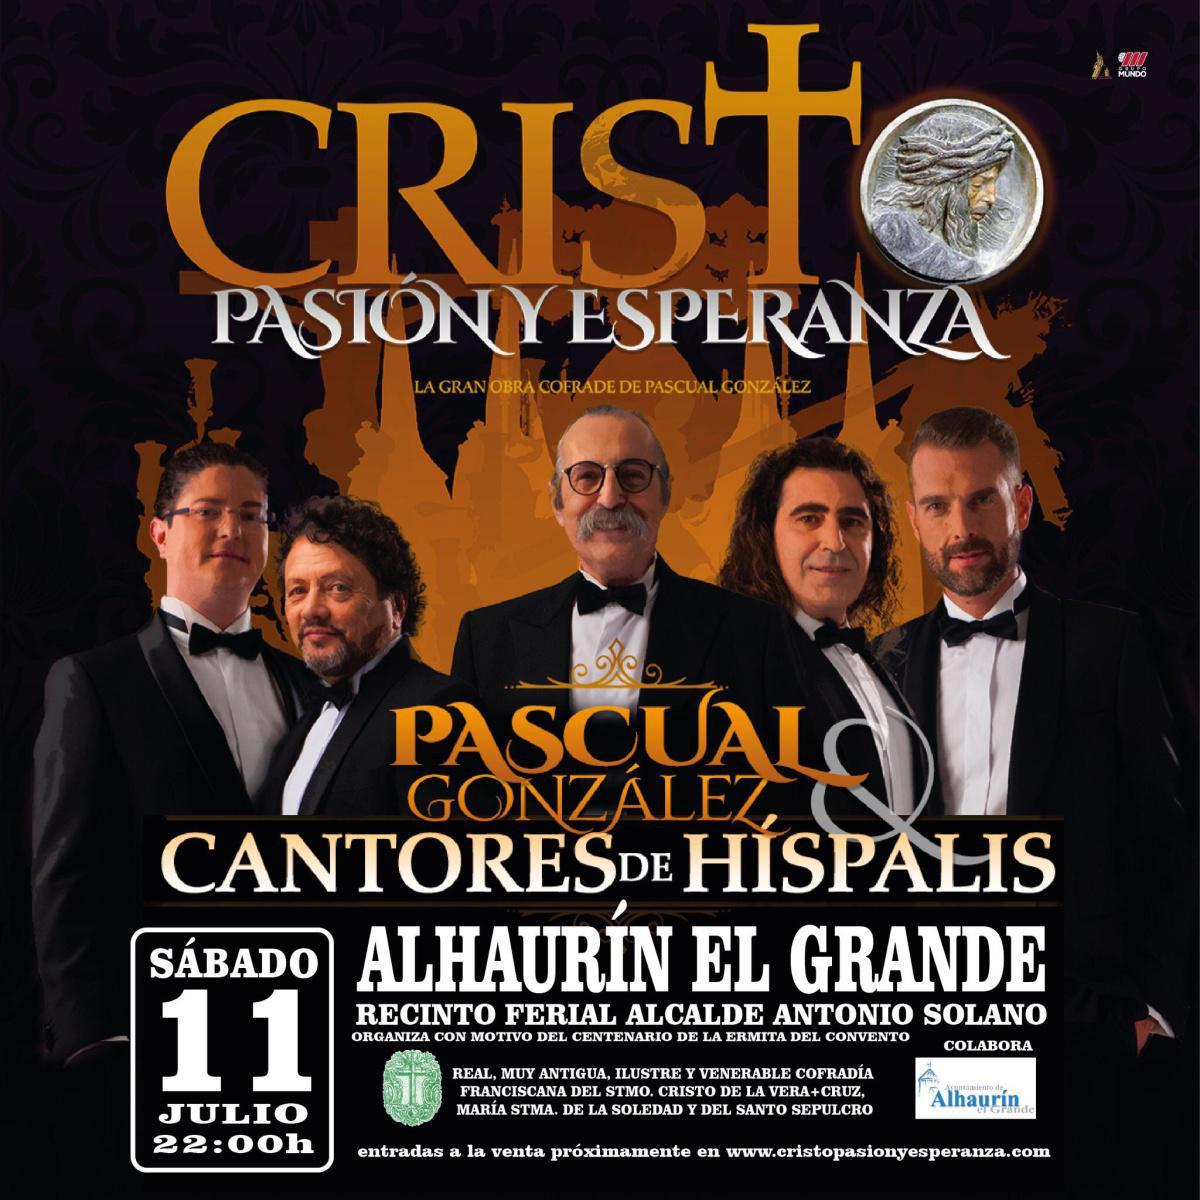 Cristo, Pasión y Esperanza, la obra de Pascual González junto con los Cantores de Hispalis llegará a Alhaurín el Grande con motivo de la celebración del Centenario de la Ermita del Convento.